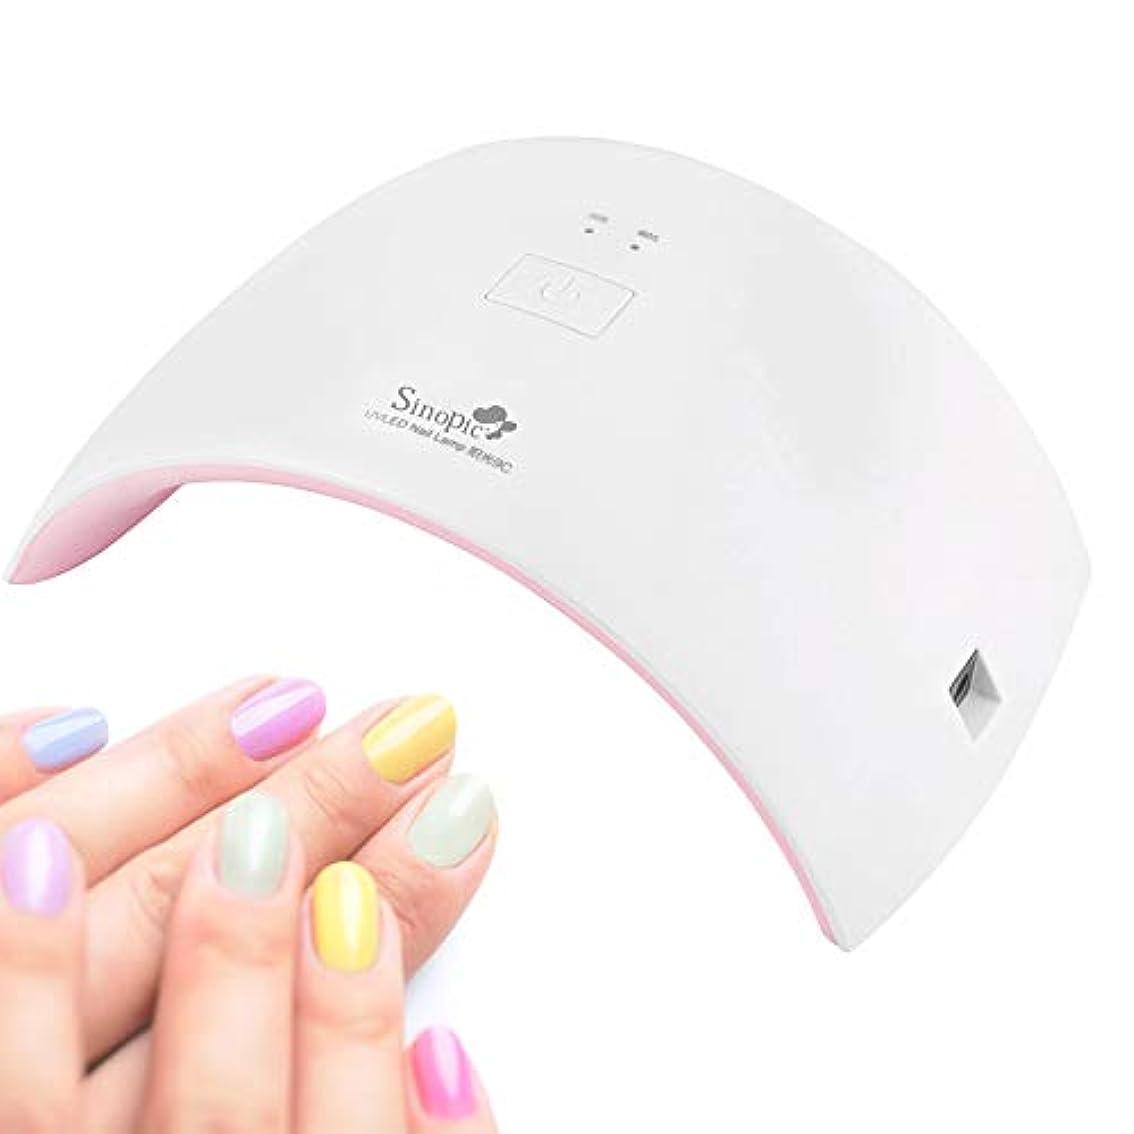 バスルーム余暇イブSinopic ネイル硬化用ライト 24W UVライトネイルドライヤー UV LEDライトマニキュア用 LED ネイルドライヤー タイマー機能 自動センサー機能 レジンにも便利